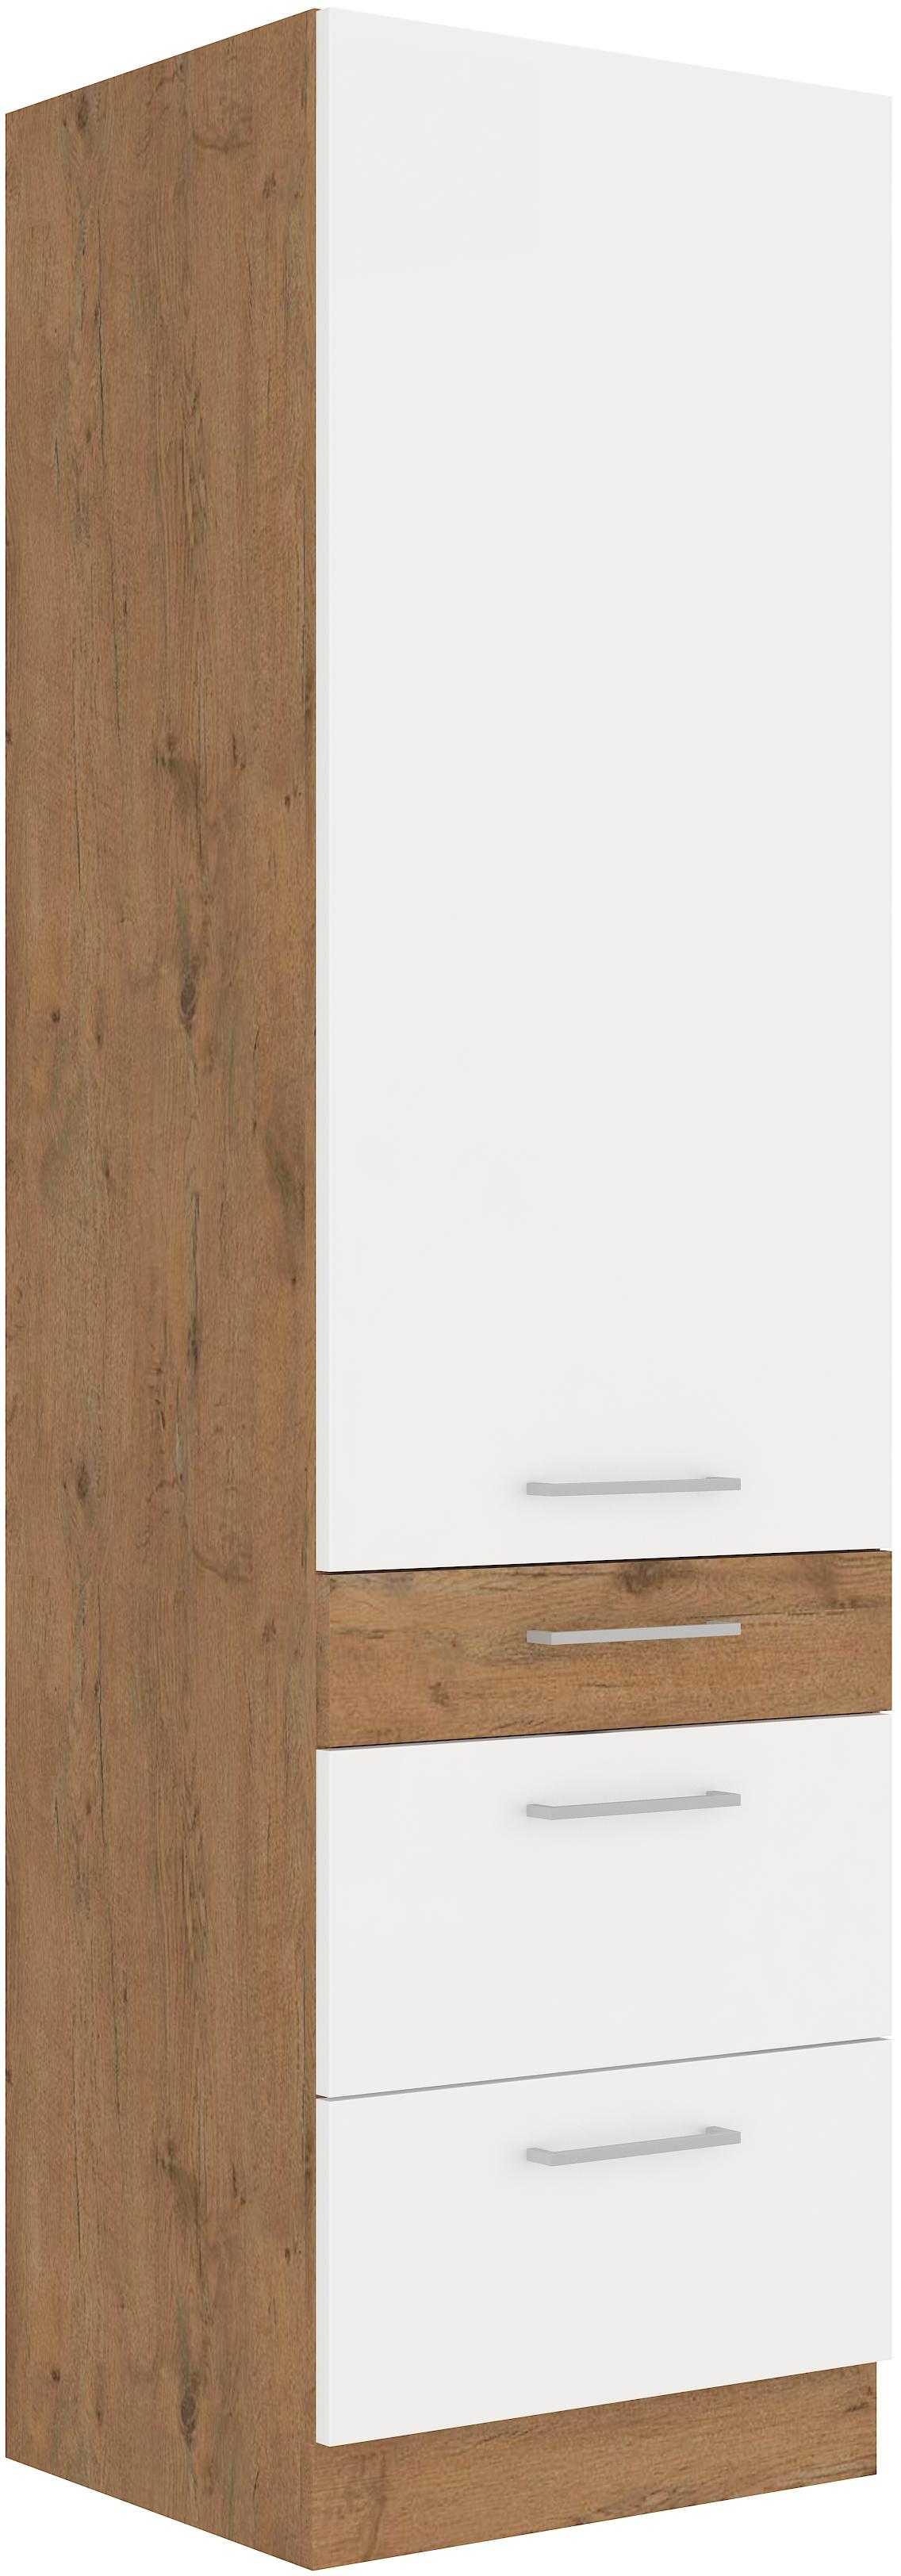 Hochschrank 60 cm / 210 cm mit Schubladen VIGO Weiss HG